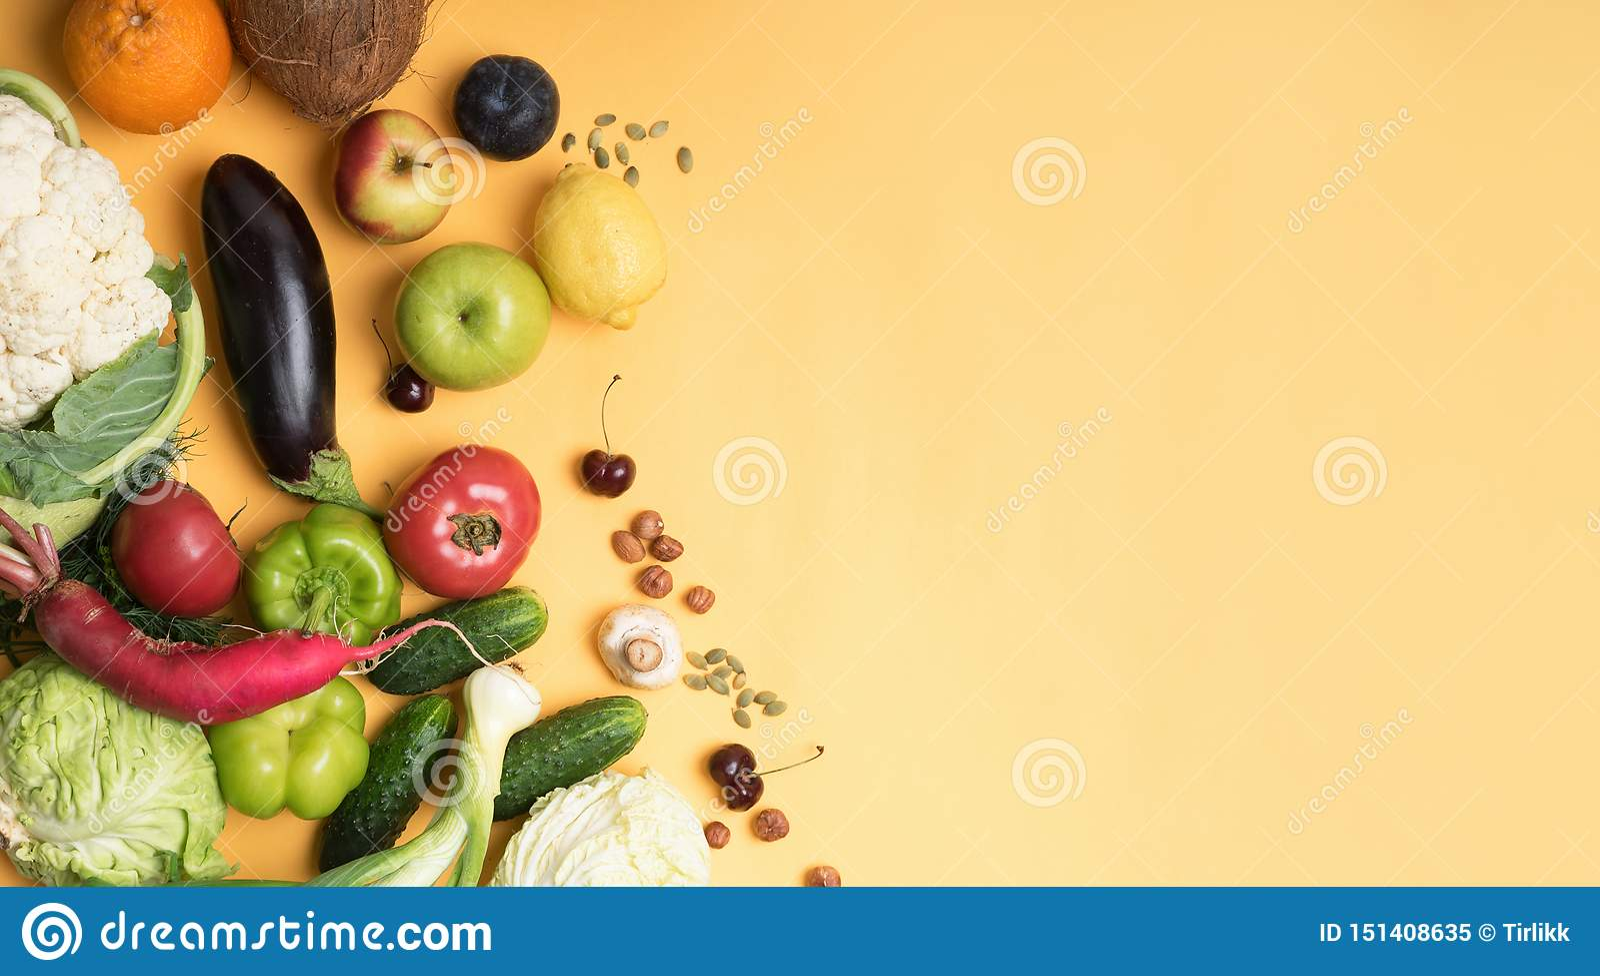 Isoleerden de de verschillende vruchten en groenten van de voedselfotografie gele achtergrond De ruimte van het exemplaar